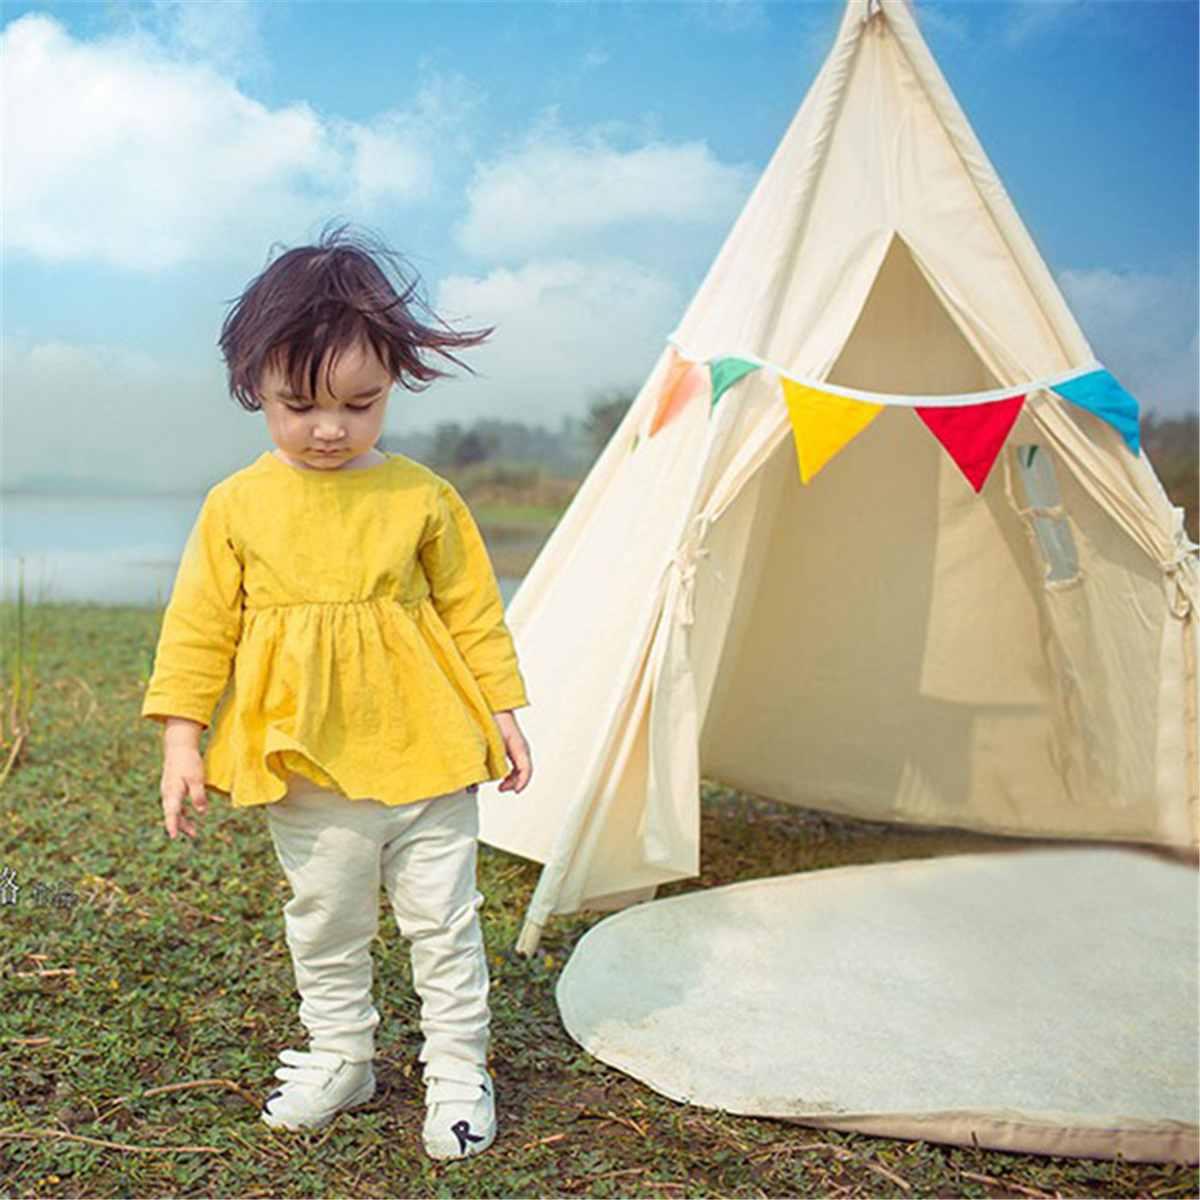 Bébé Photo accessoires château Triangle enfants pliant tente cadeau enfants Playhouse dormir dôme enfants jouer jouets tipi tente tissu